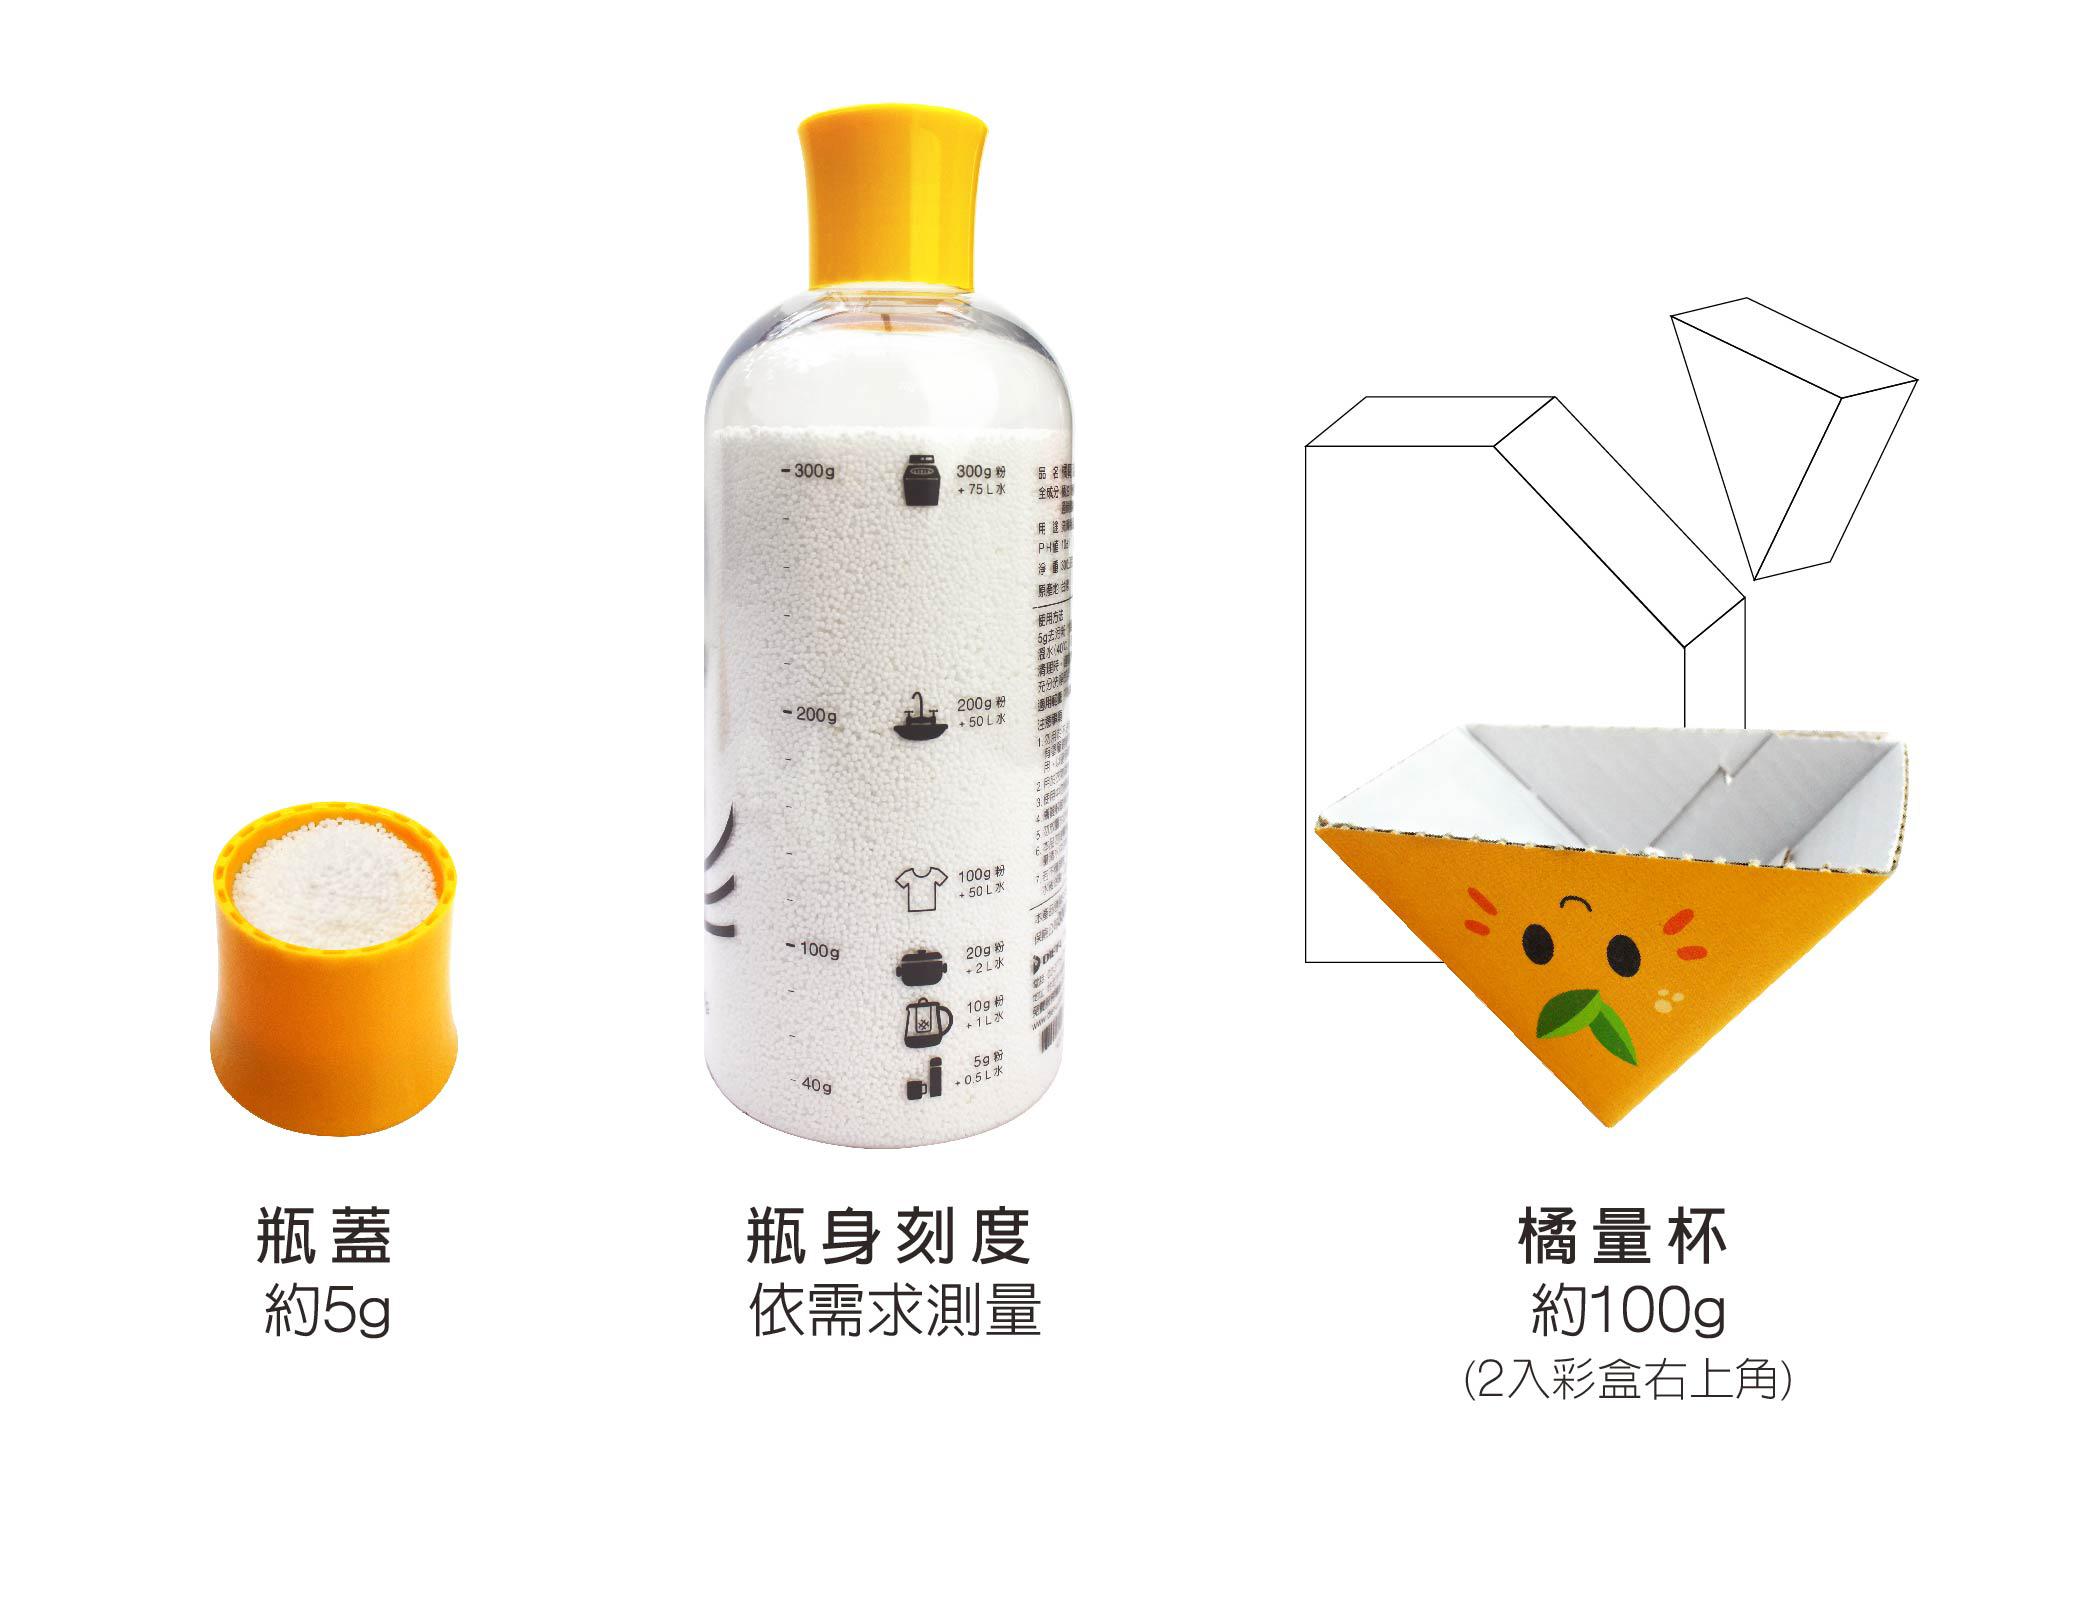 橘寶活氧酵素環保去污粉-NSF認證-冷壓橘油-SGS認證-抑菌-除臭-活性酵素-食品用清潔-環保-愛地球-一瓶抵多瓶-橘寶去污粉使用解說